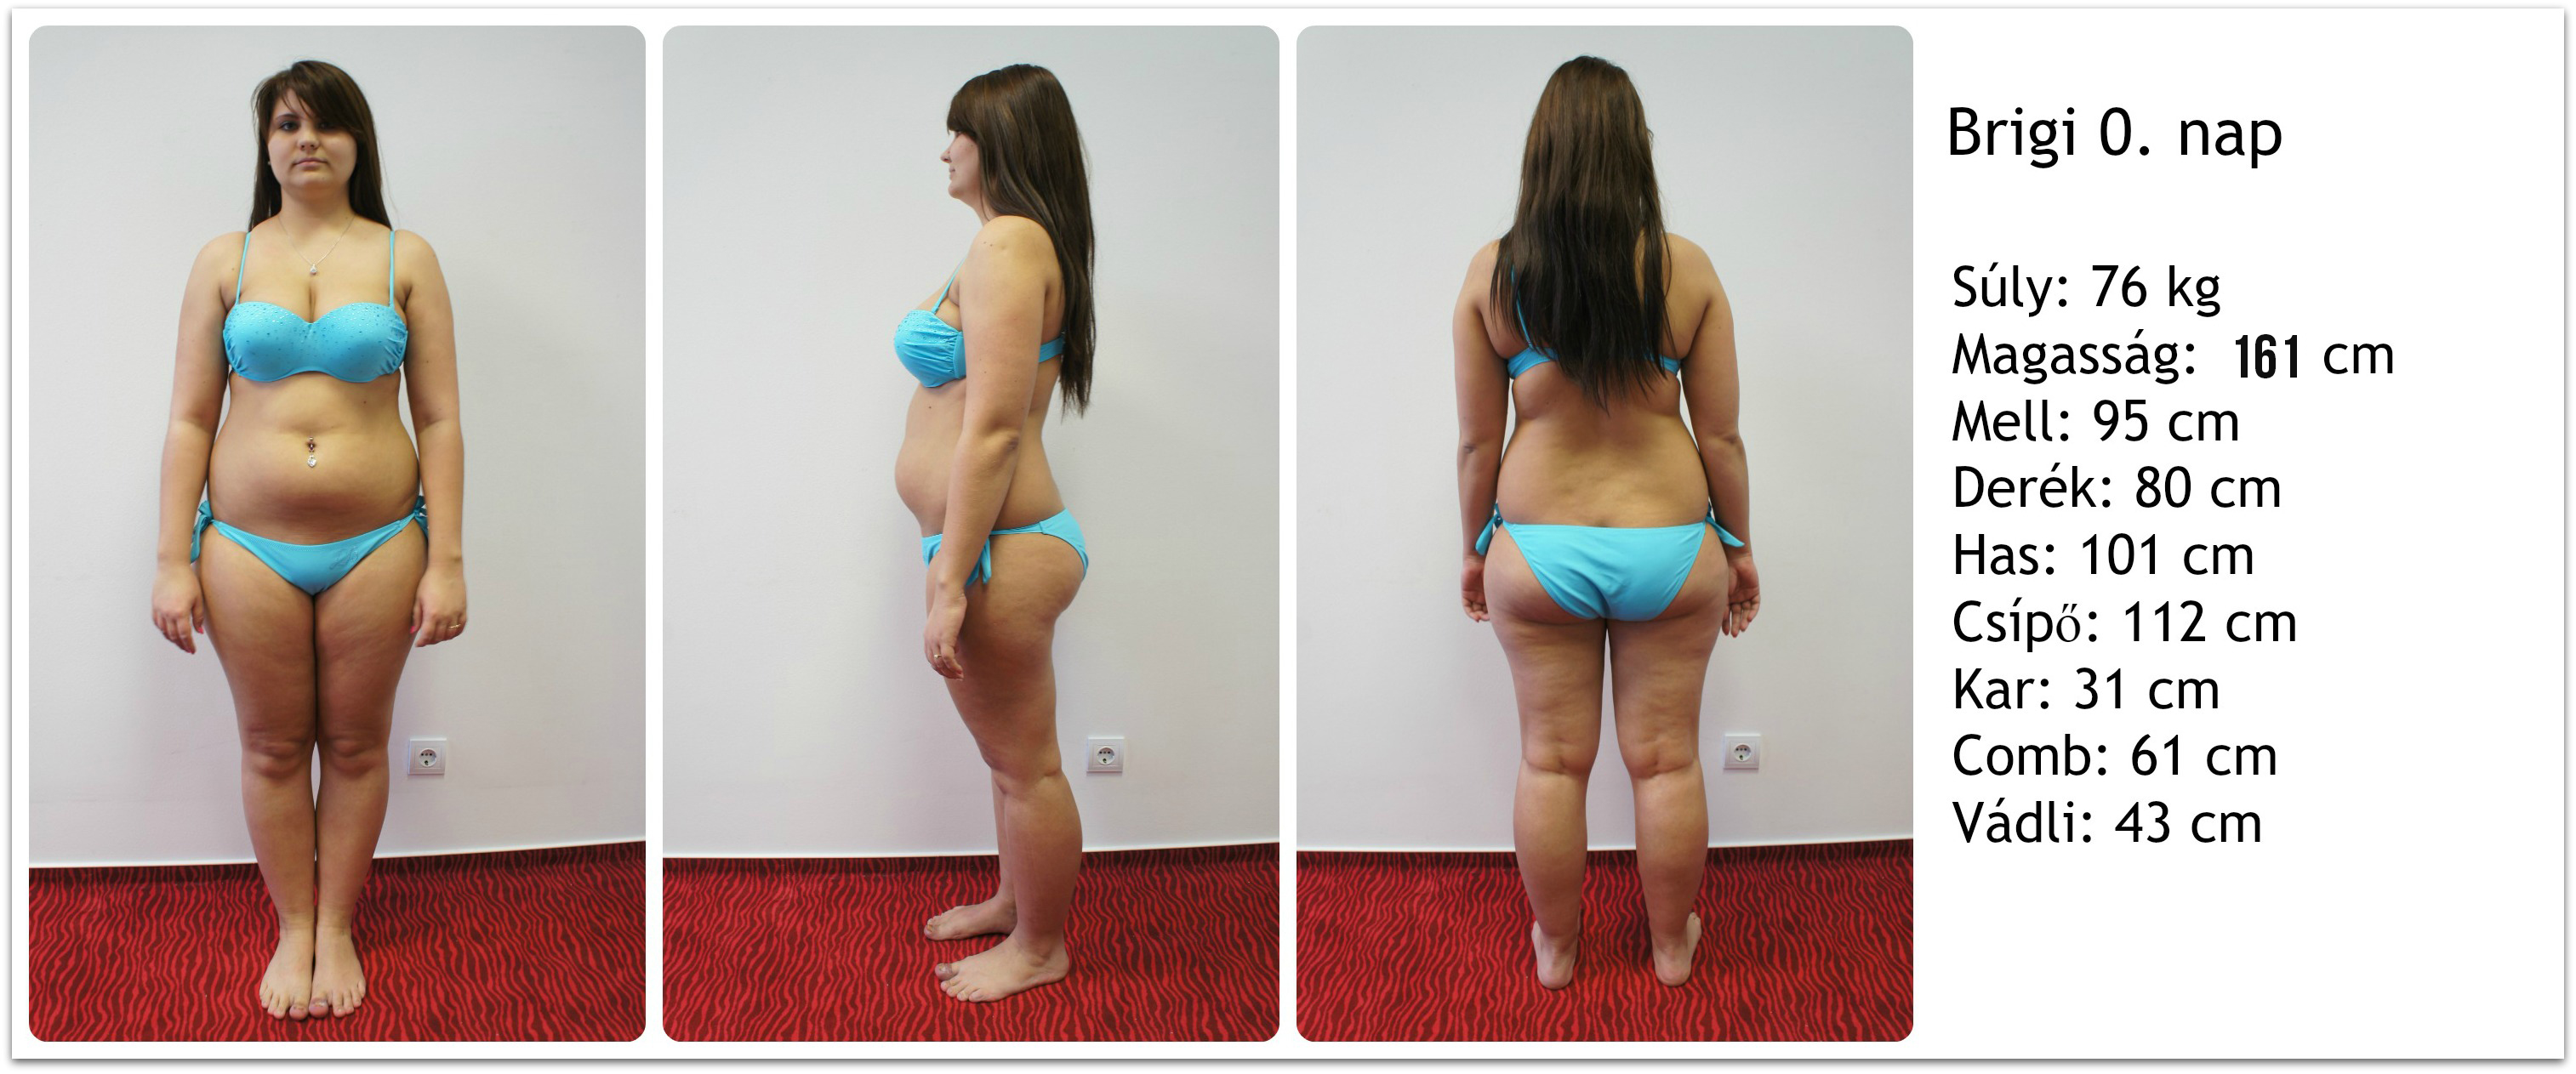 Így adj le 5 kilót 1 hónap alatt | nlc